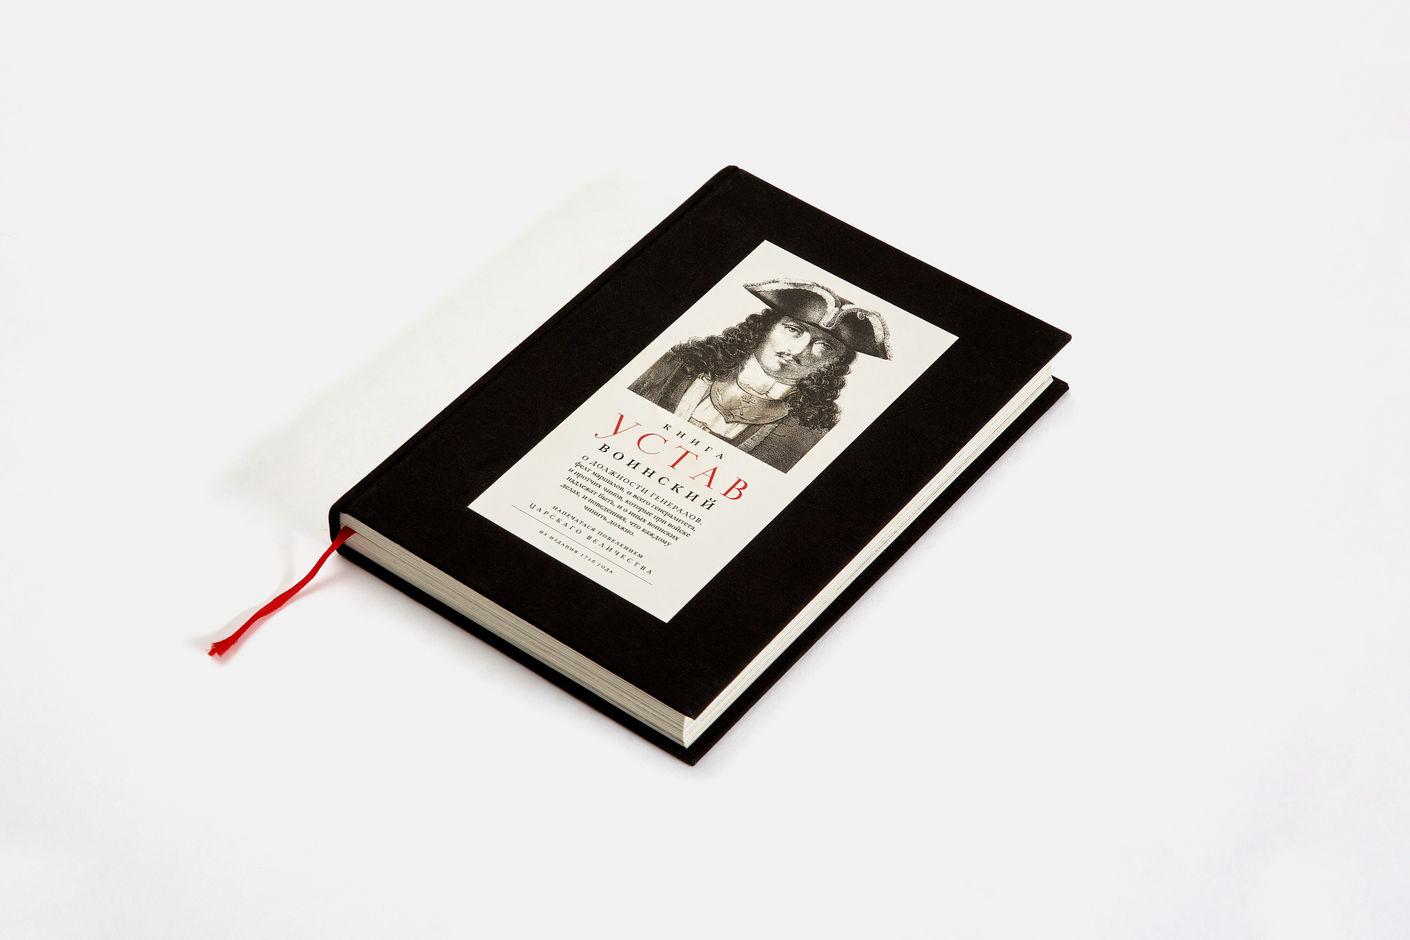 Подарочная книга Воинский устав, 2016, Агей Томеш